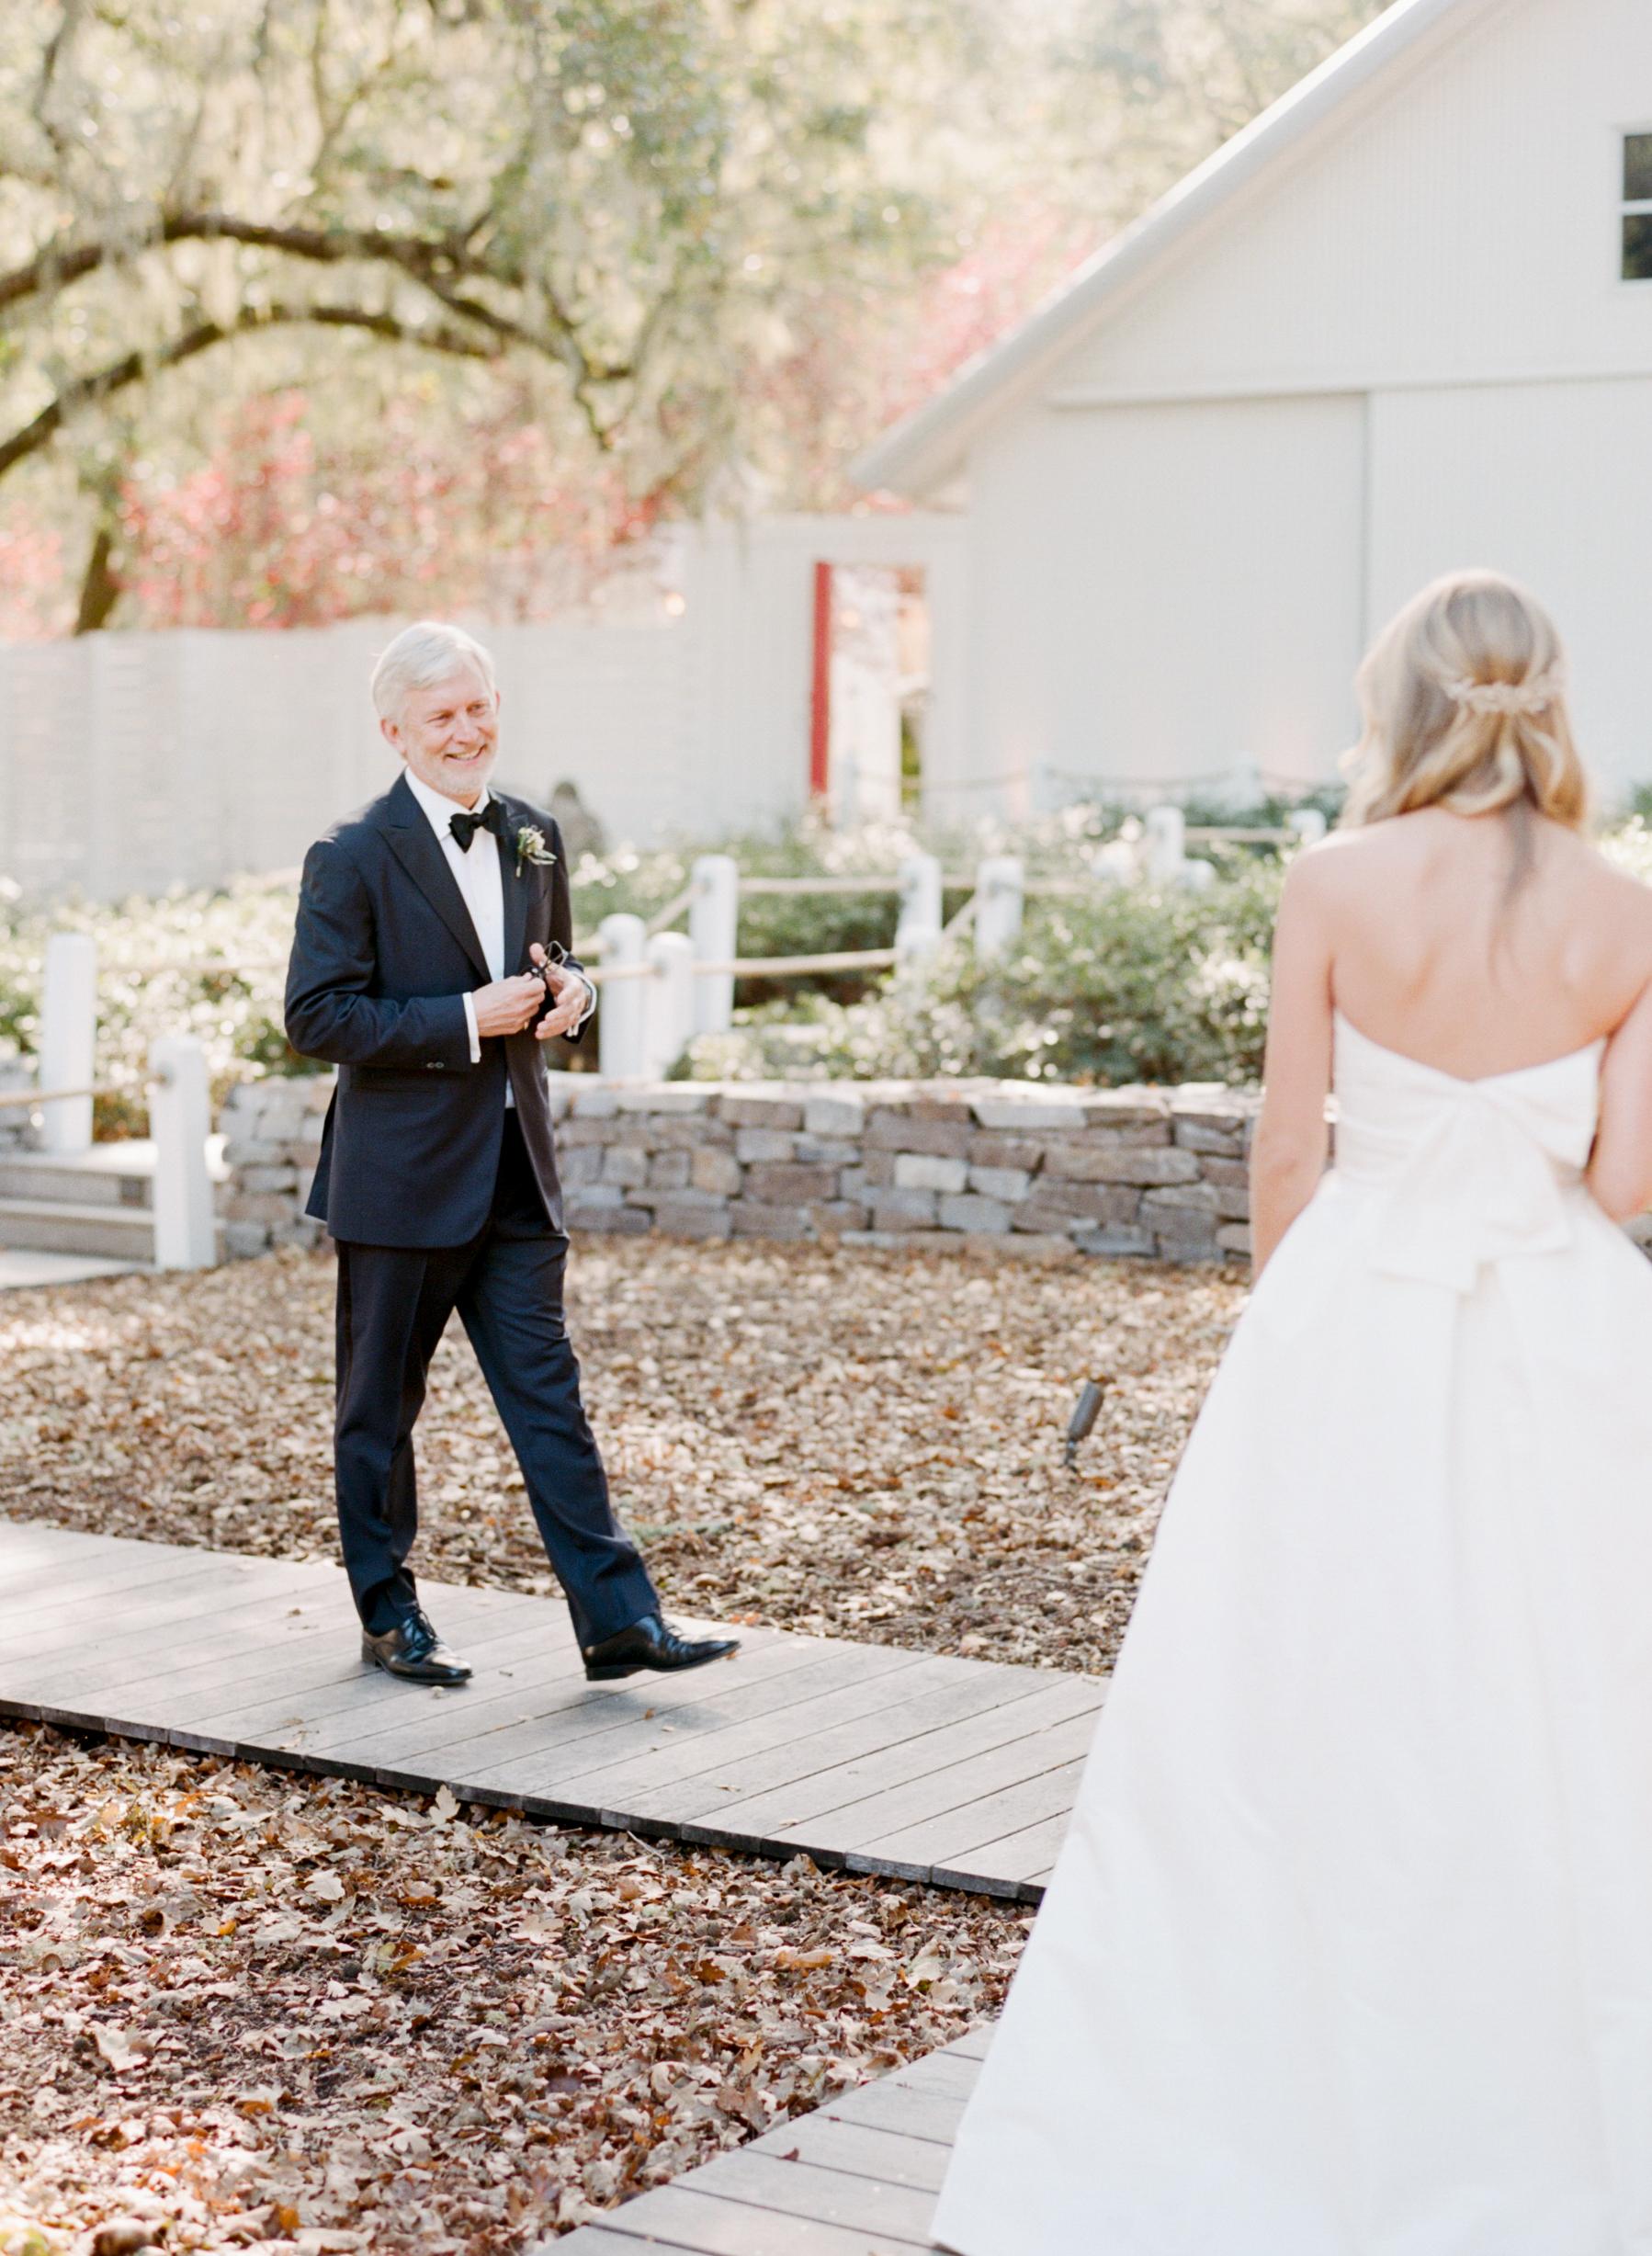 SylvieGil-Durham-Ranch-Organic-Ethereal-Rustic-Father-Wedding